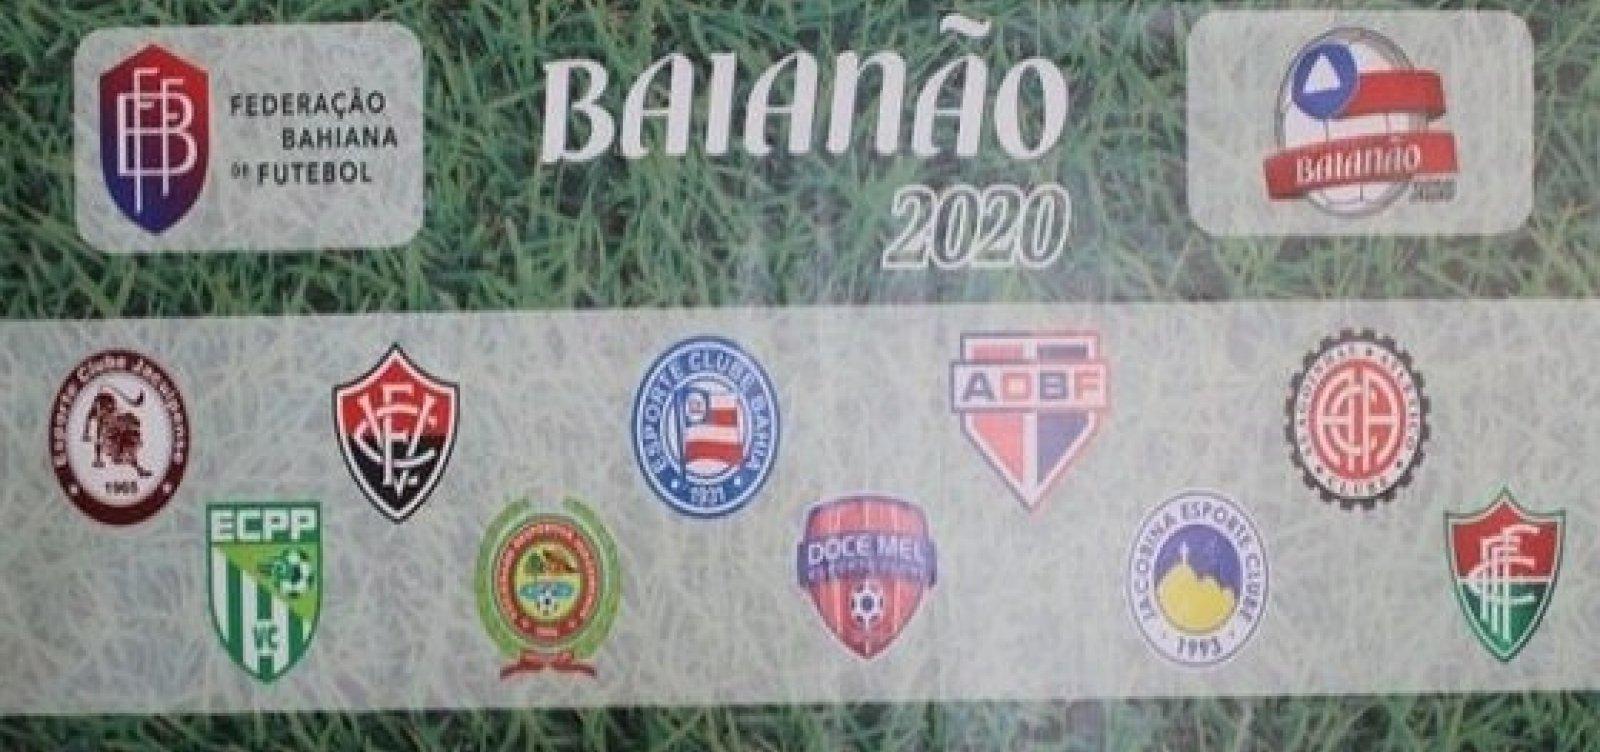 Baianão 2020 terá início em 15 de janeiro; final será 26 de abril